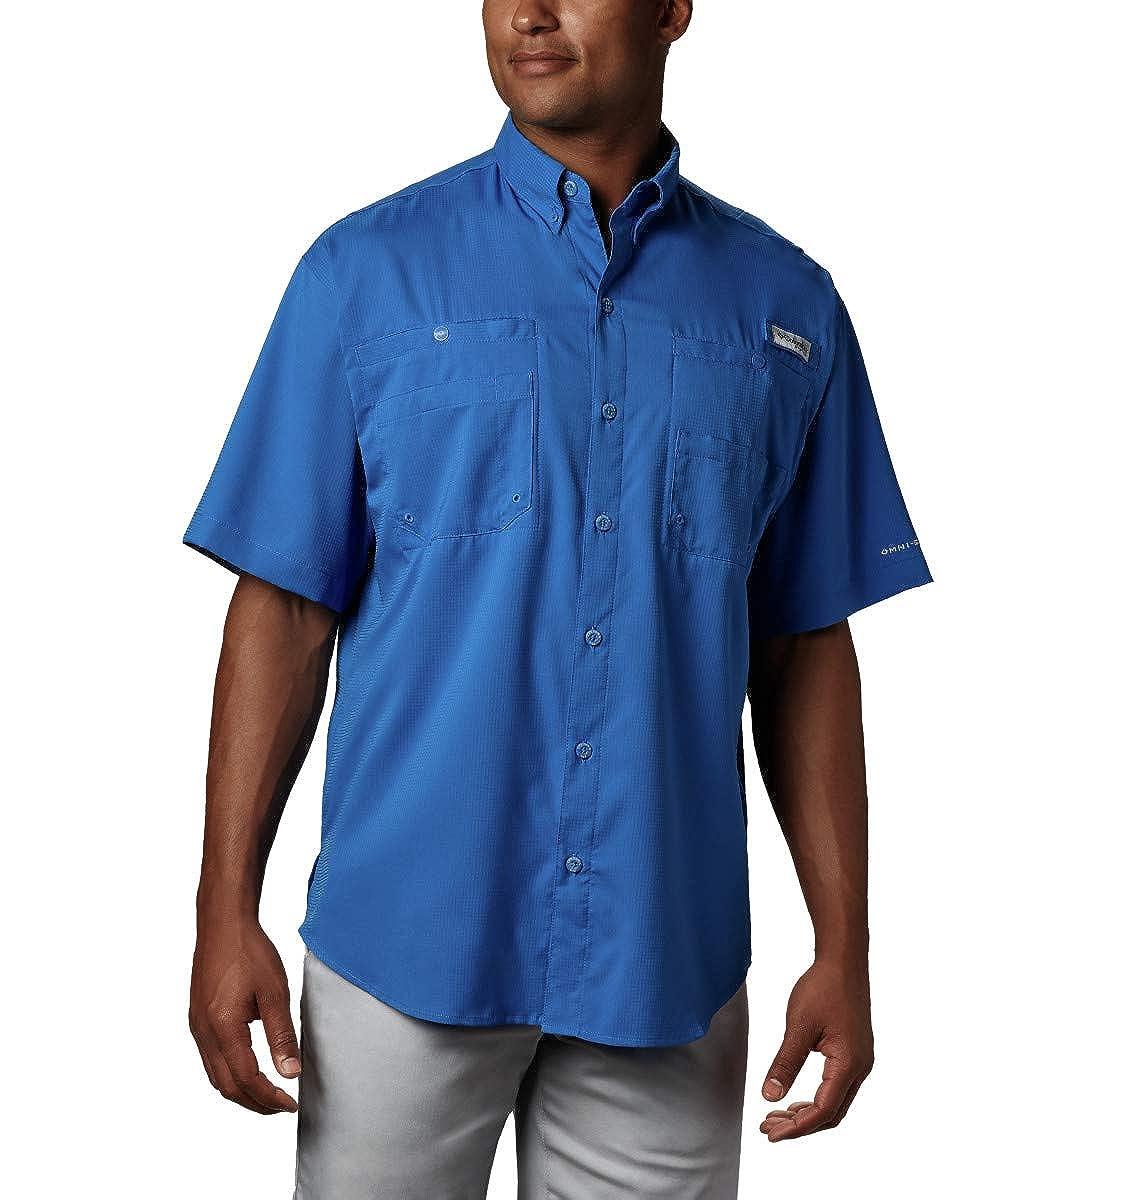 Columbia Herren Hemd Tamiami II Short Sleeve Shirt